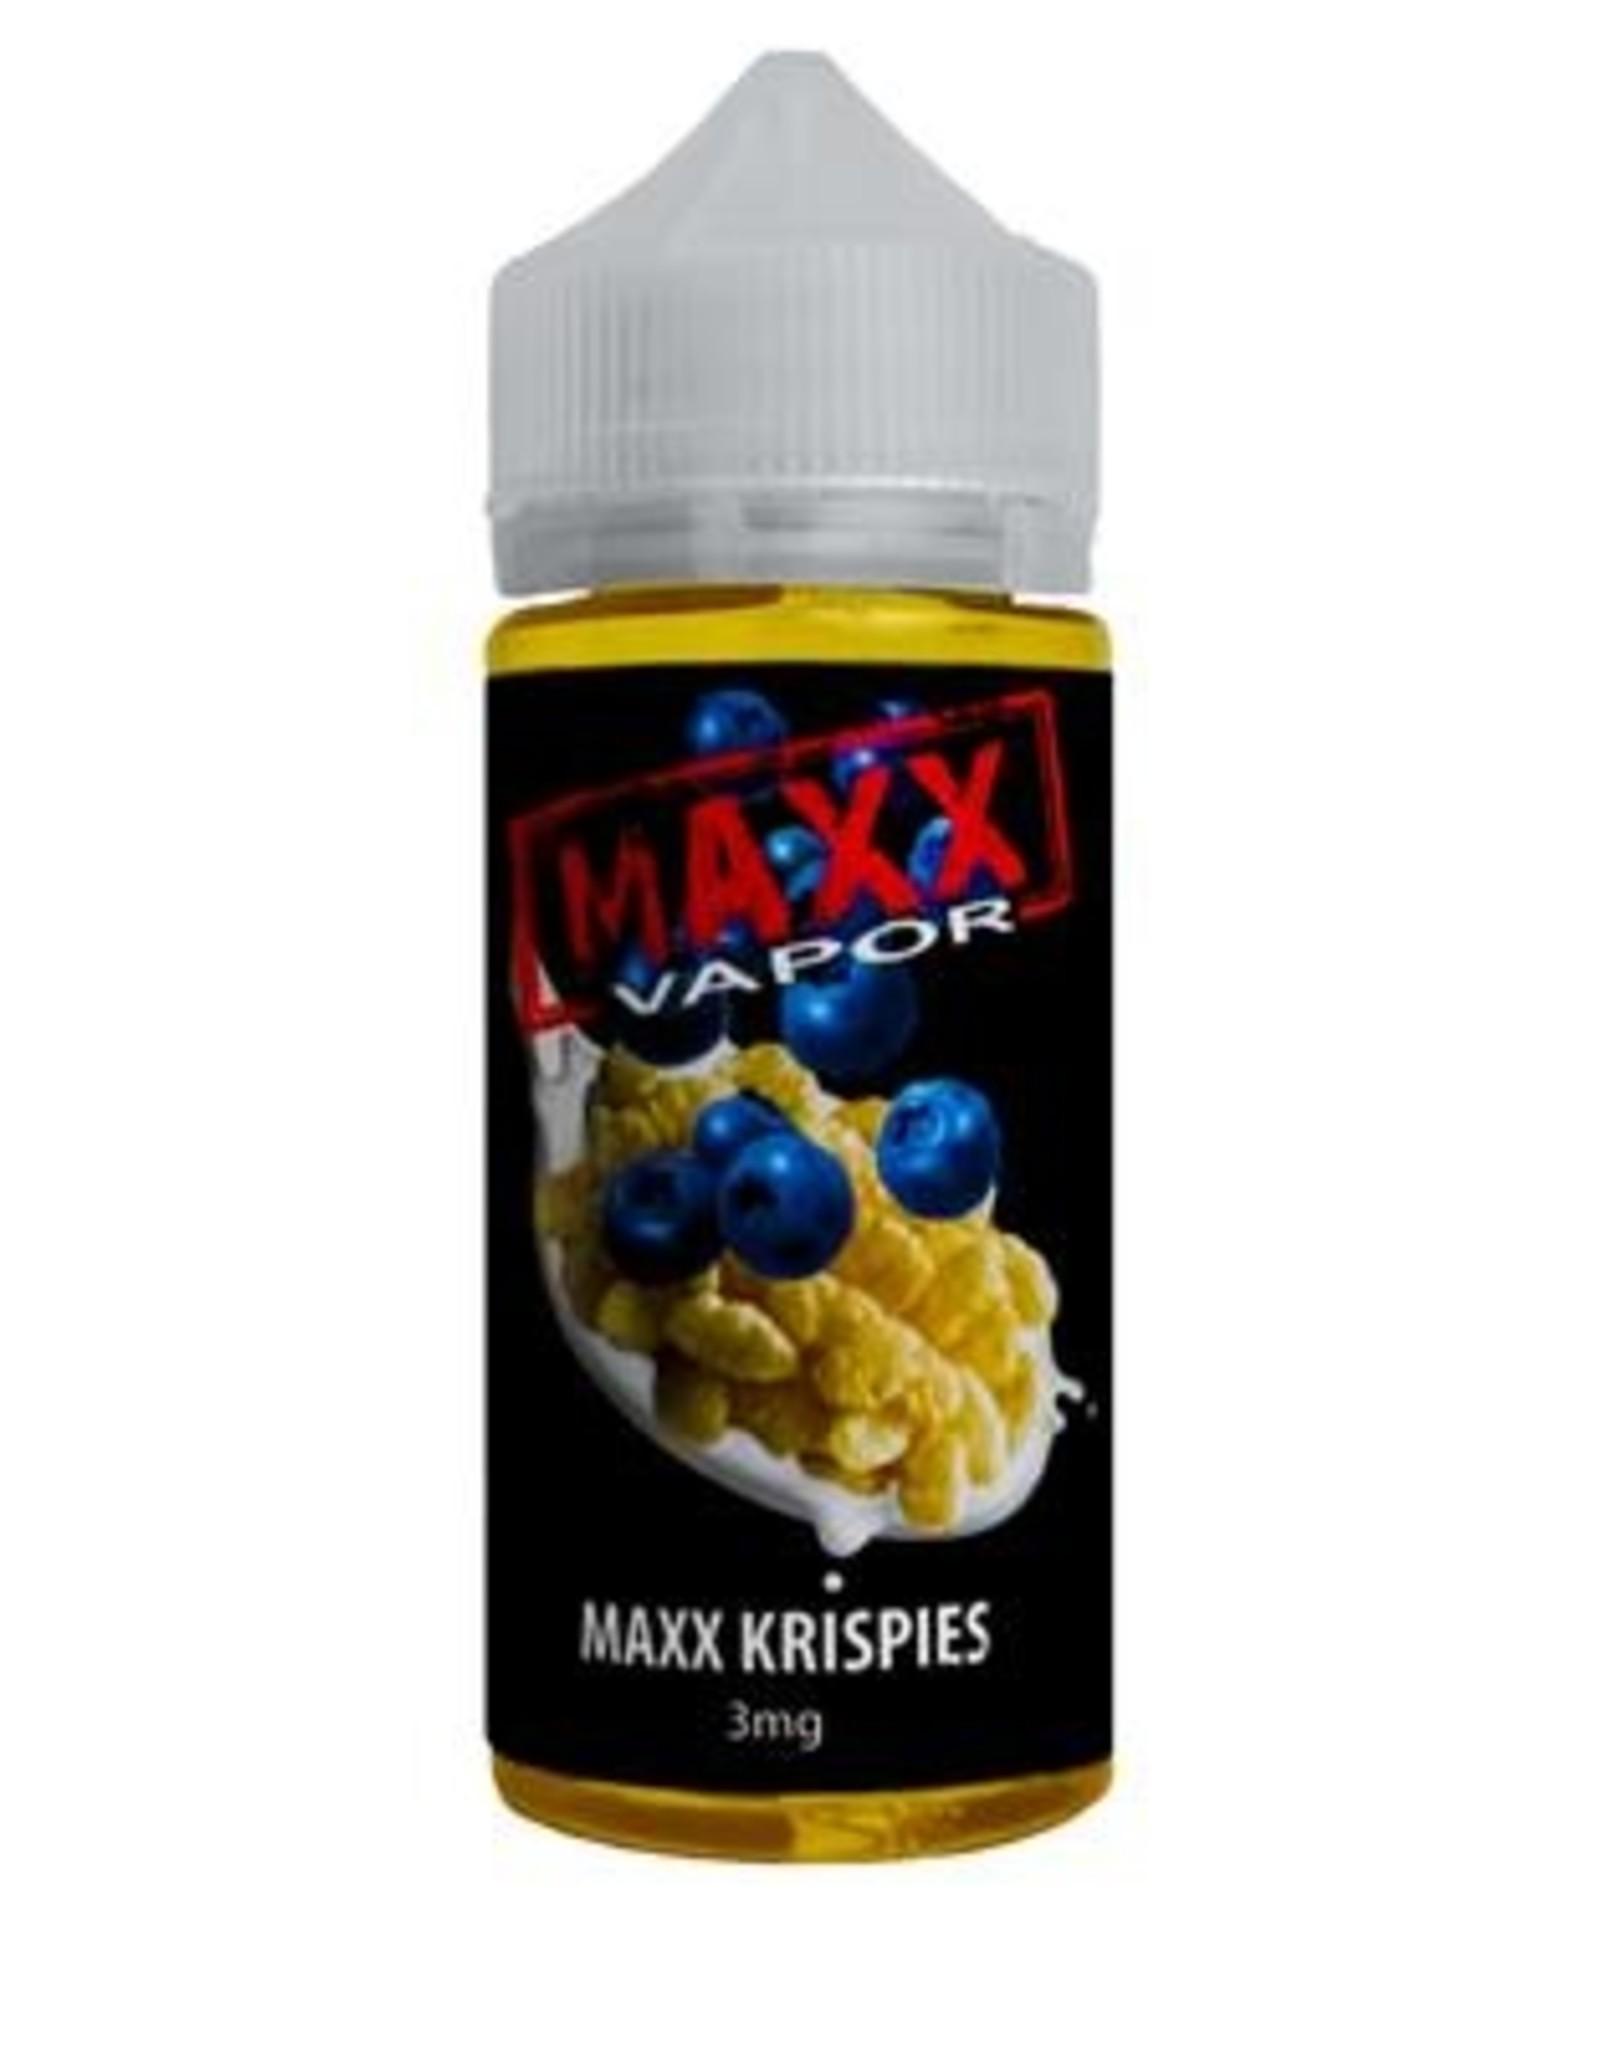 Maxx Krispies By Maxx